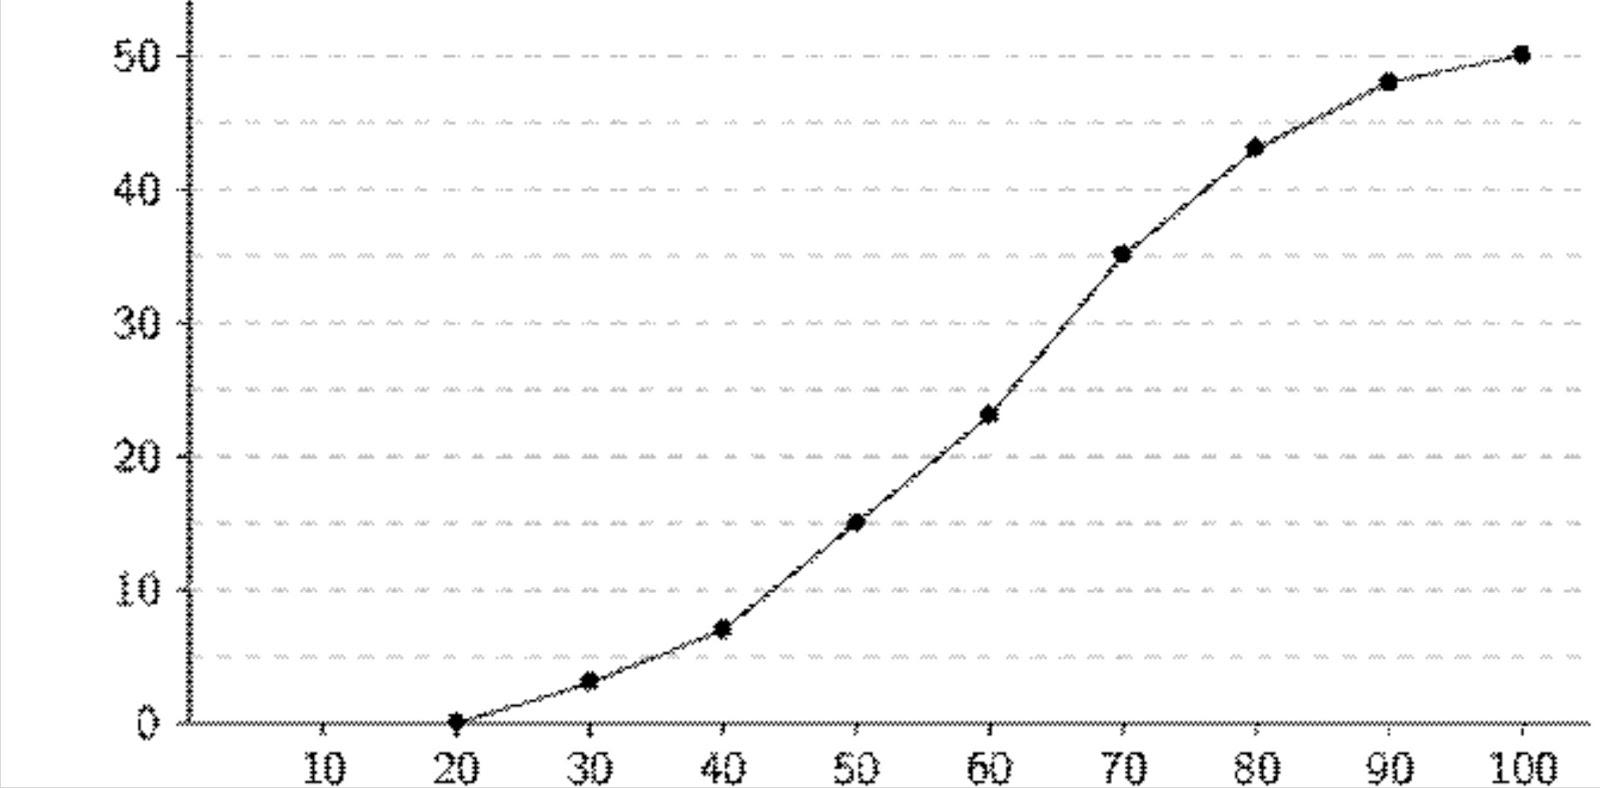 5 macam grafik paling mudah dalam menyajikan data statistika atau pictogram grafik gambar ccuart Gallery